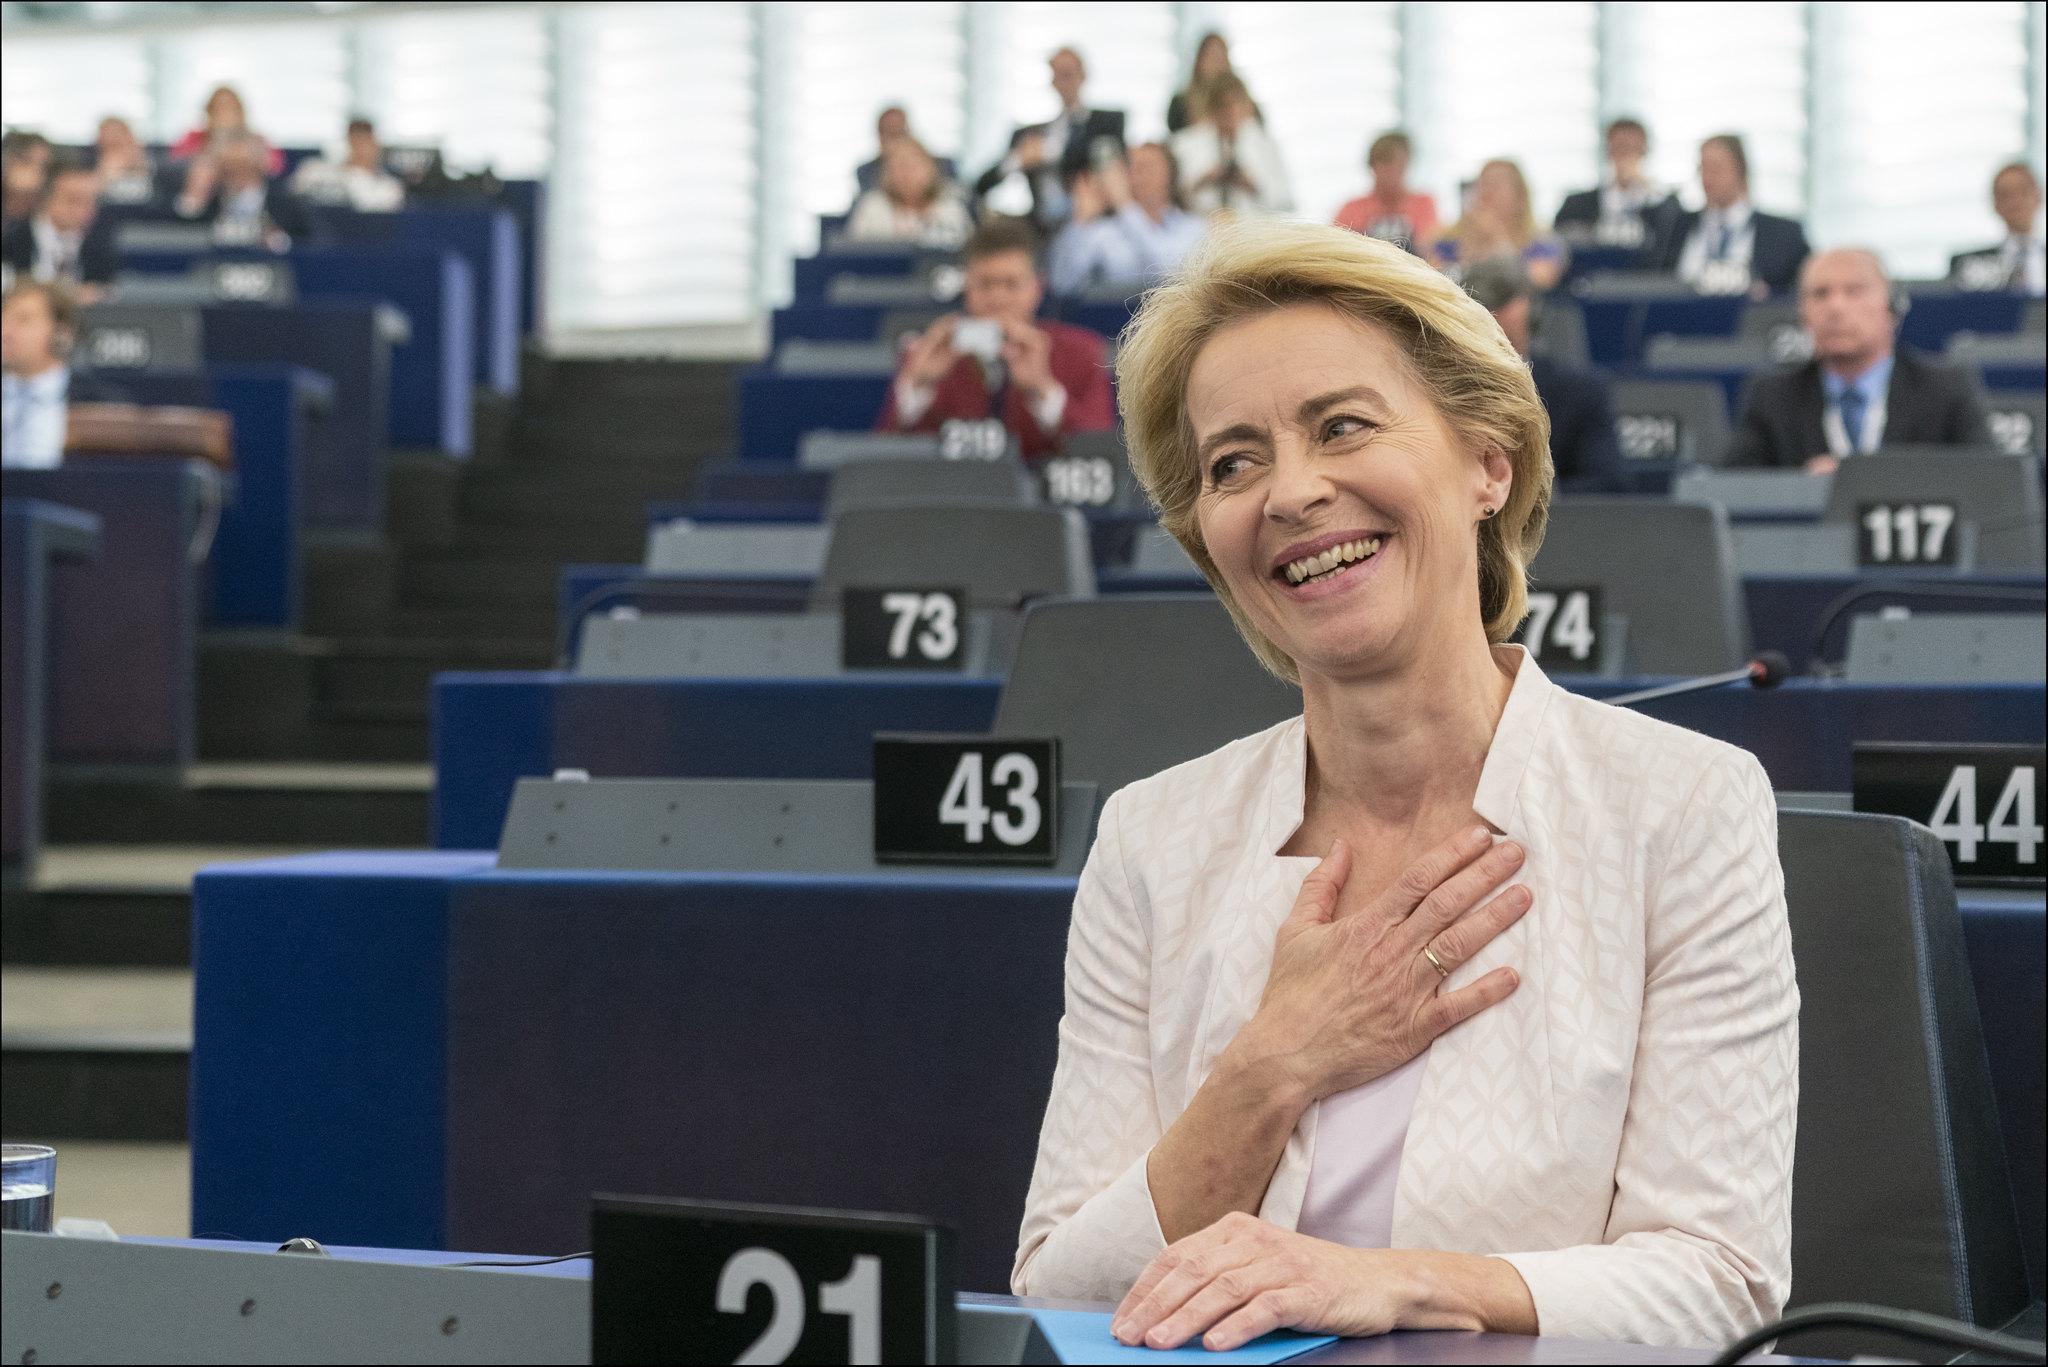 歐盟執委會新任主席馮德萊恩(Ursula von der Leye)(圖/European Parliament/CC BY 2.0)jpg